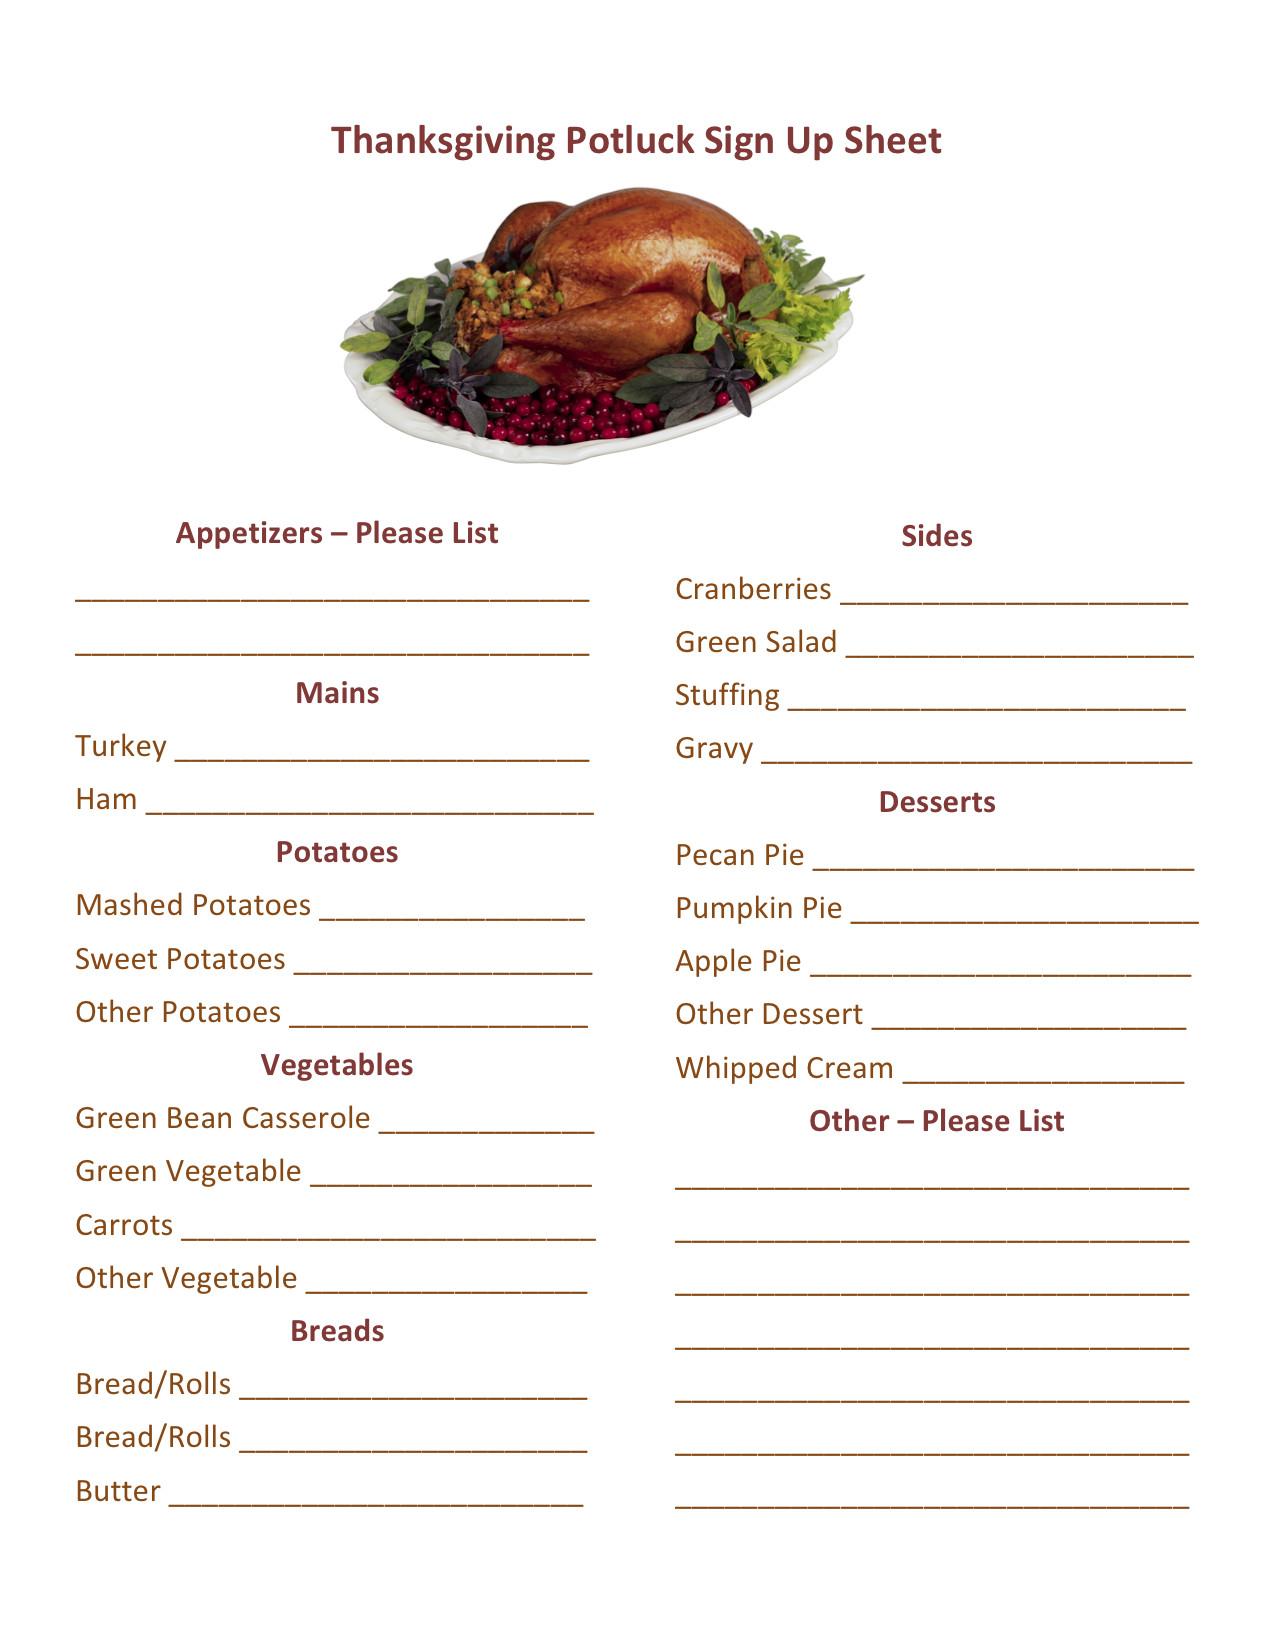 Holiday Potluck Signup Sheet Thanksgiving Potluck Sign Up Printable